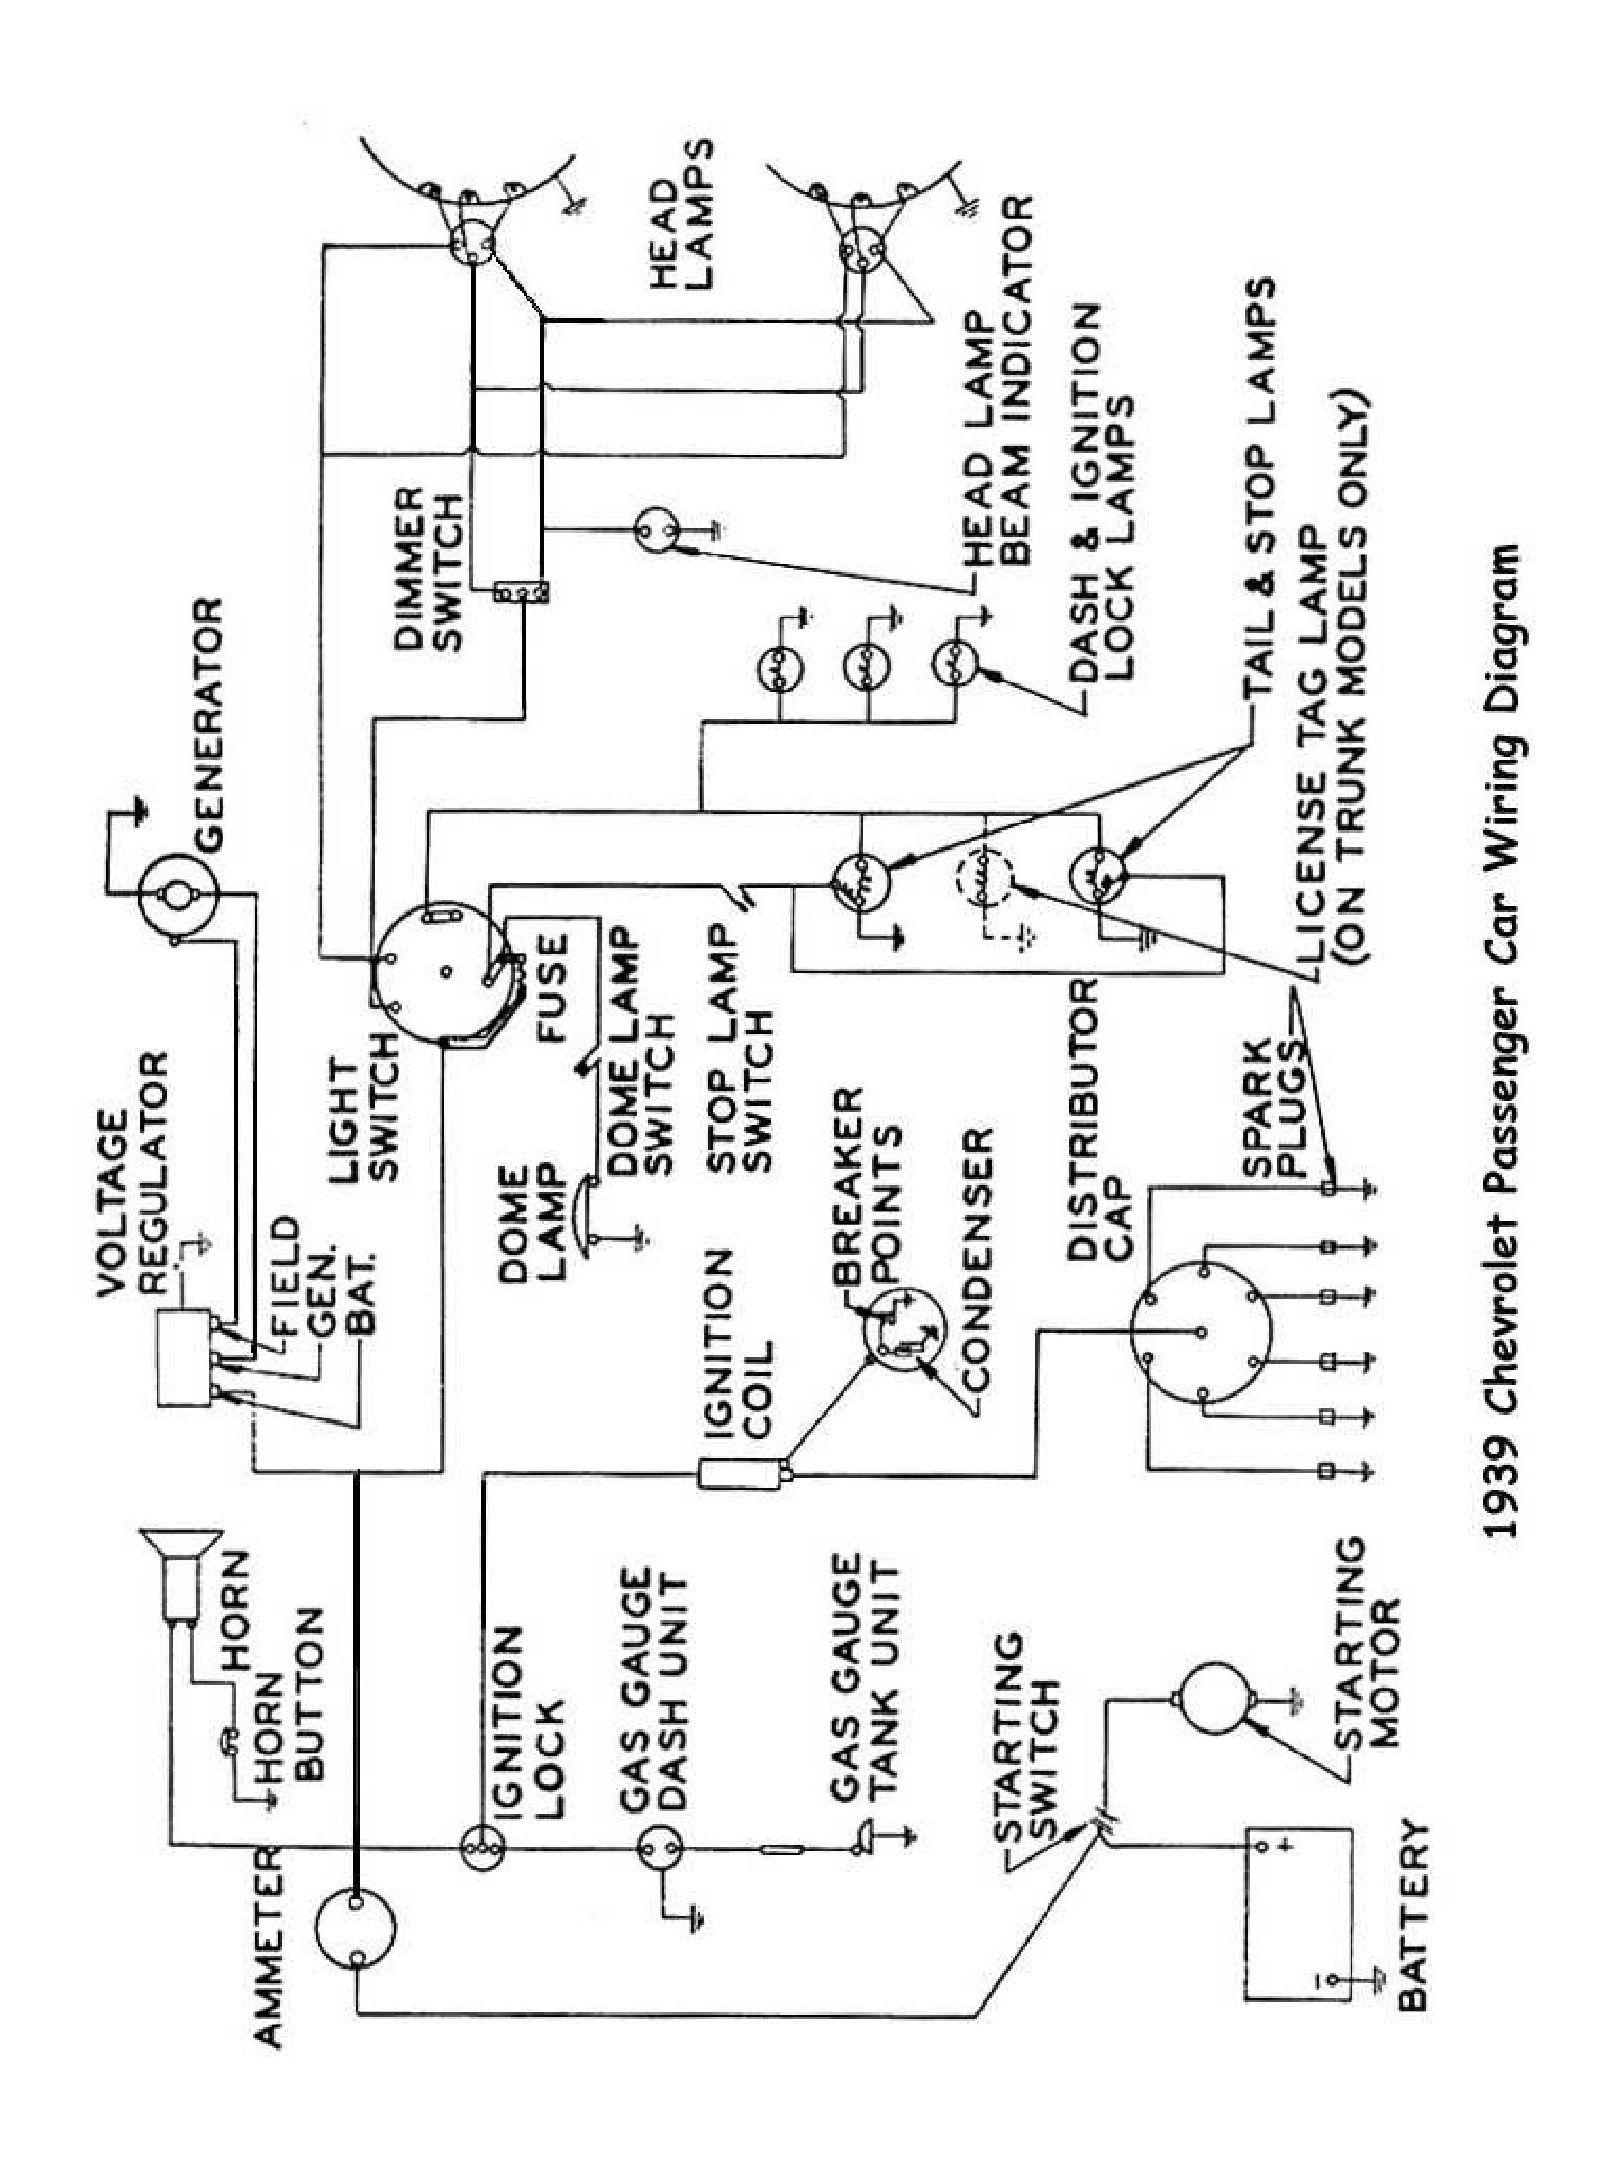 Automotive Ignition Wiring Diagram Con Imagenes